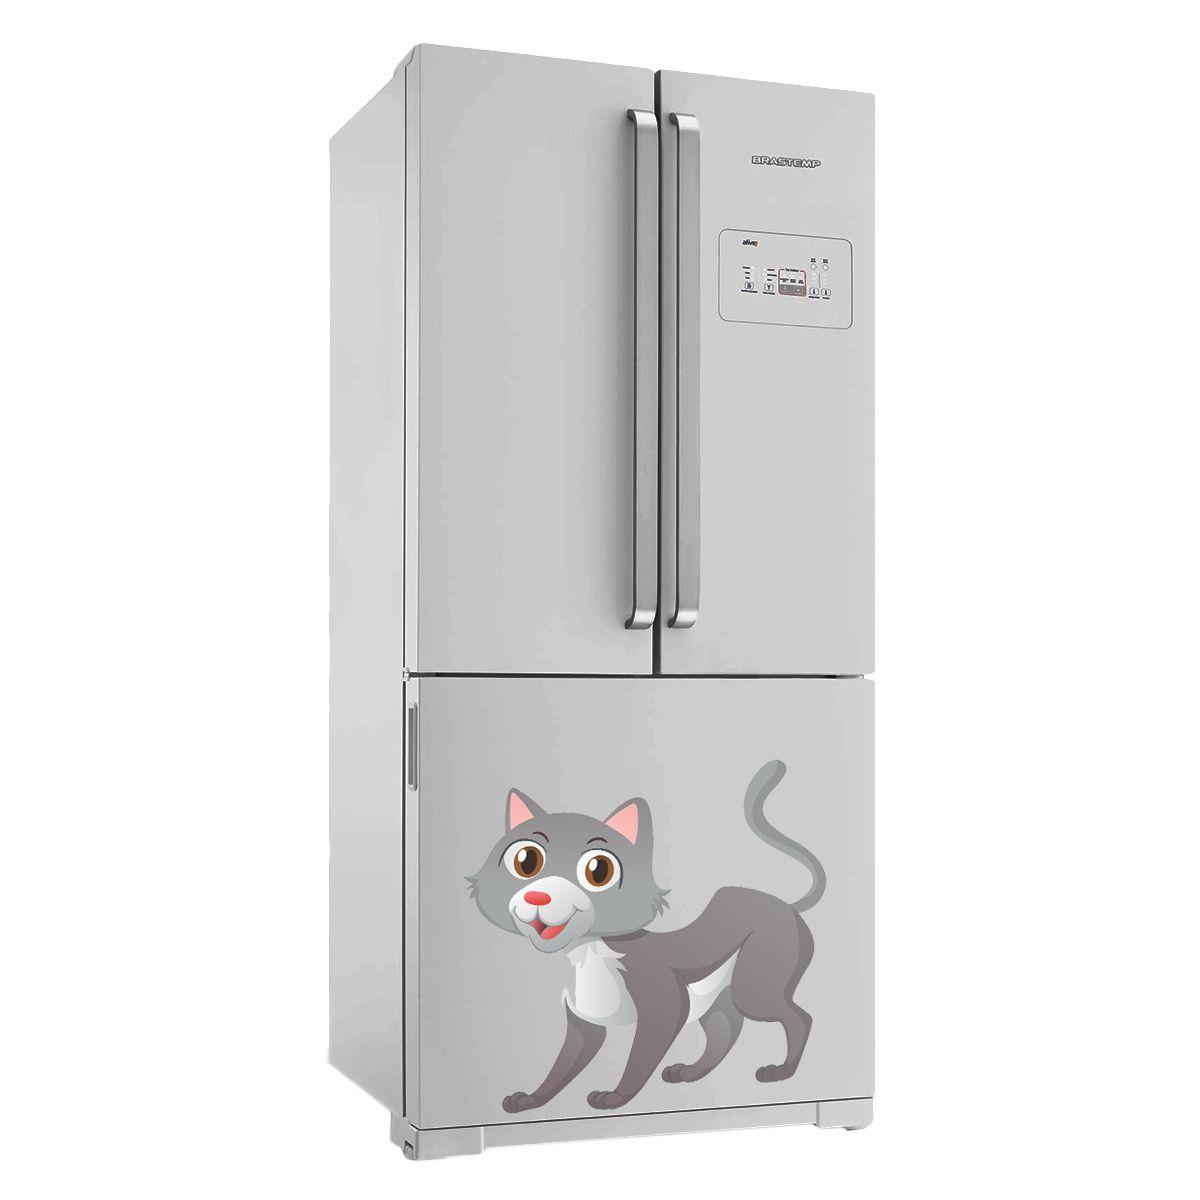 Adesivo de geladeira Gato